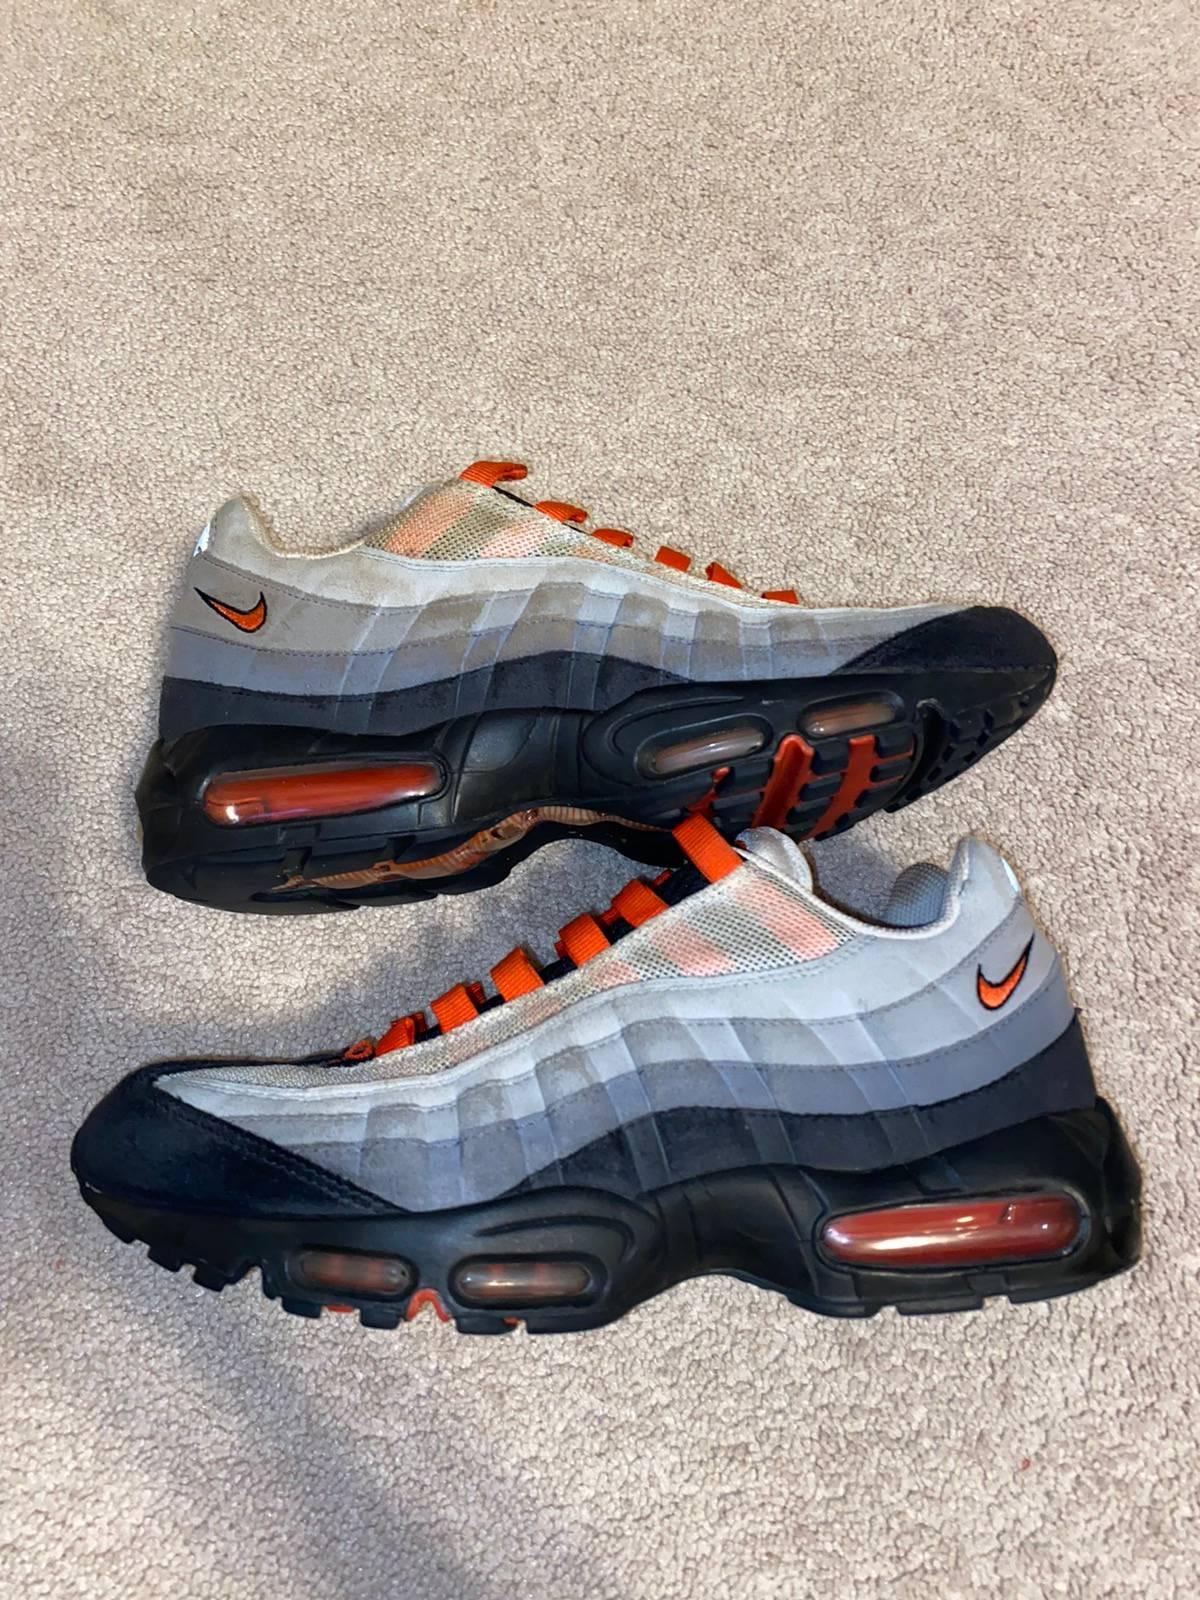 Nike Nike Air Max 95 Team Orange Men's Us 9.5 Size 9.5 $38